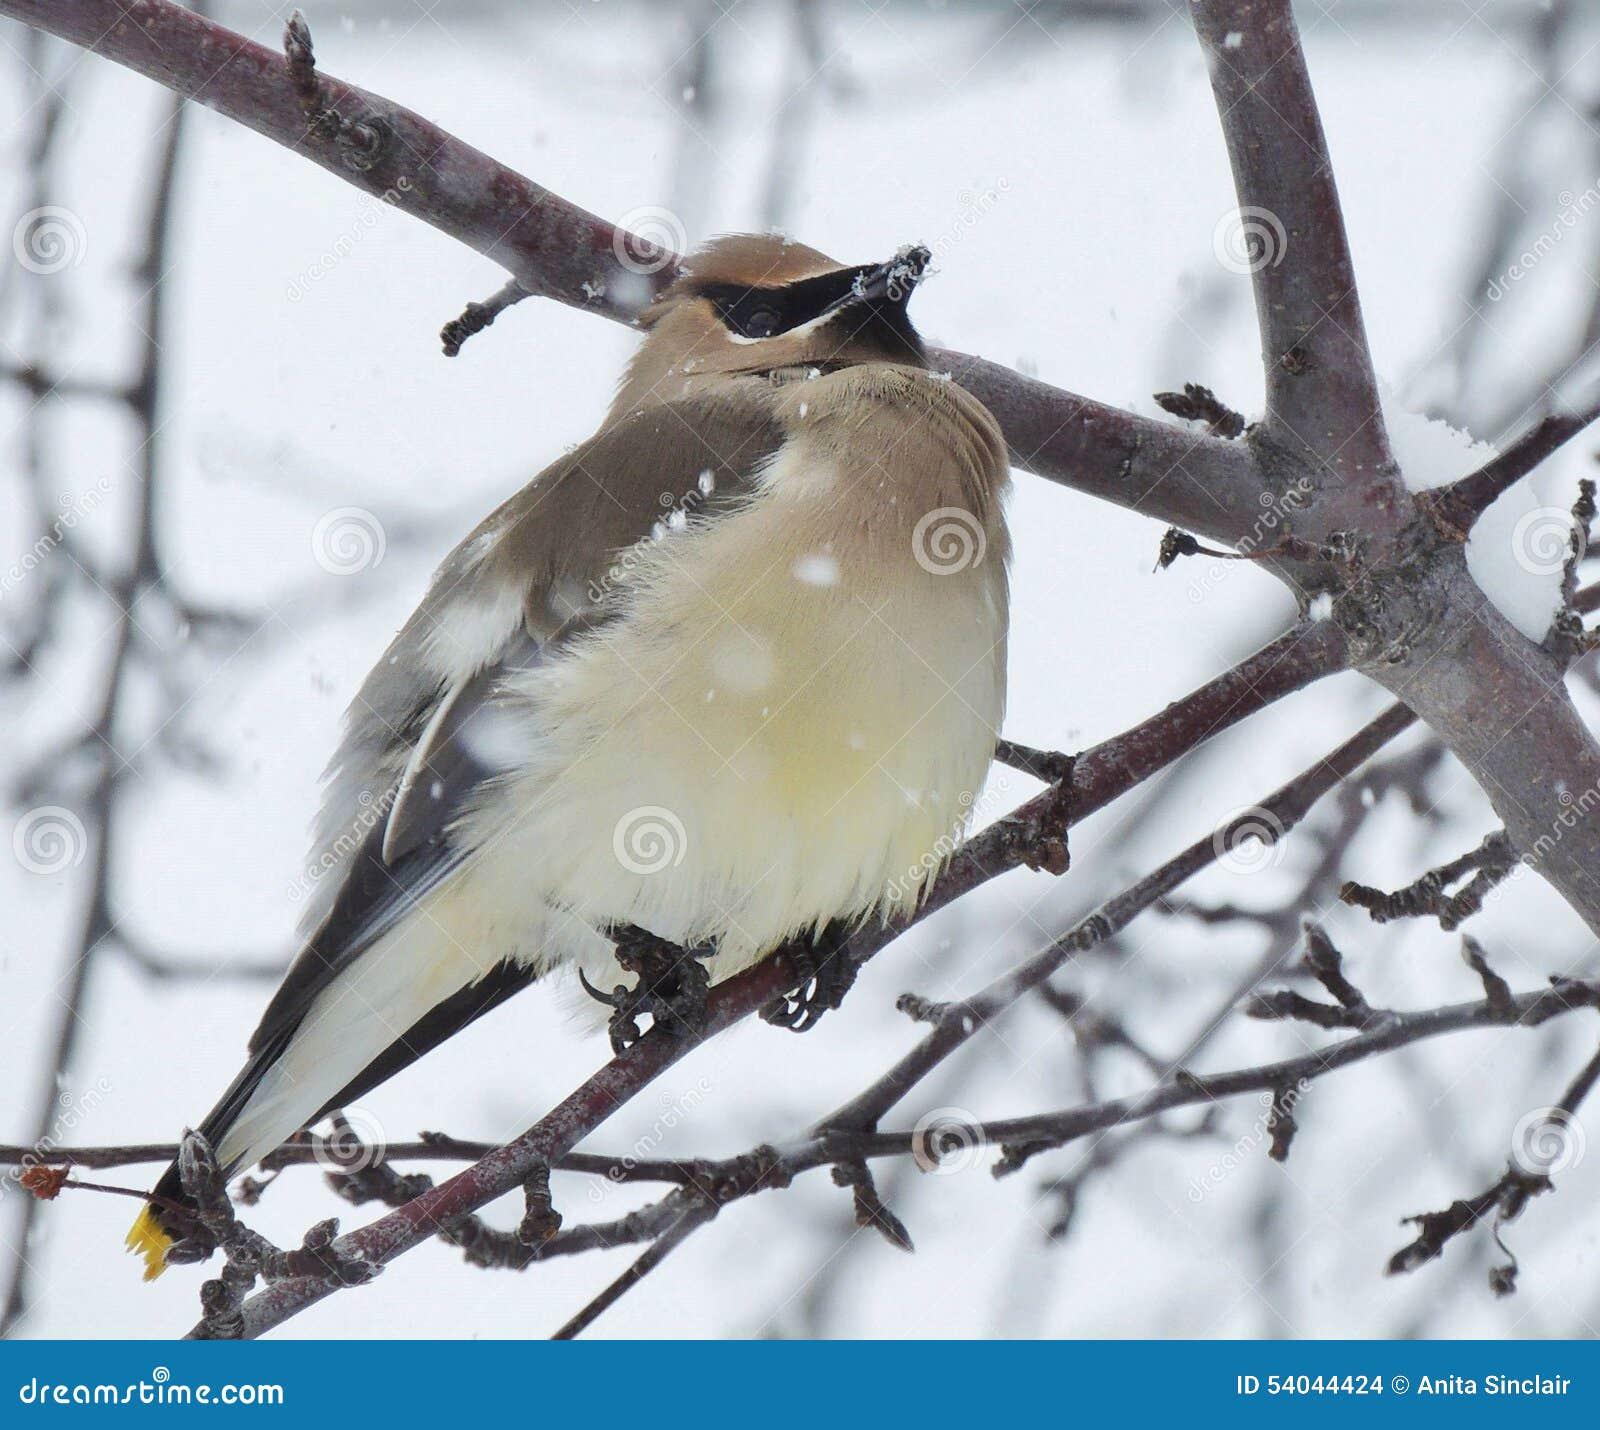 Um pássaro pequeno, um Waxwing boêmio, varas entre os ramos de uma árvore estéril em um dia nevado